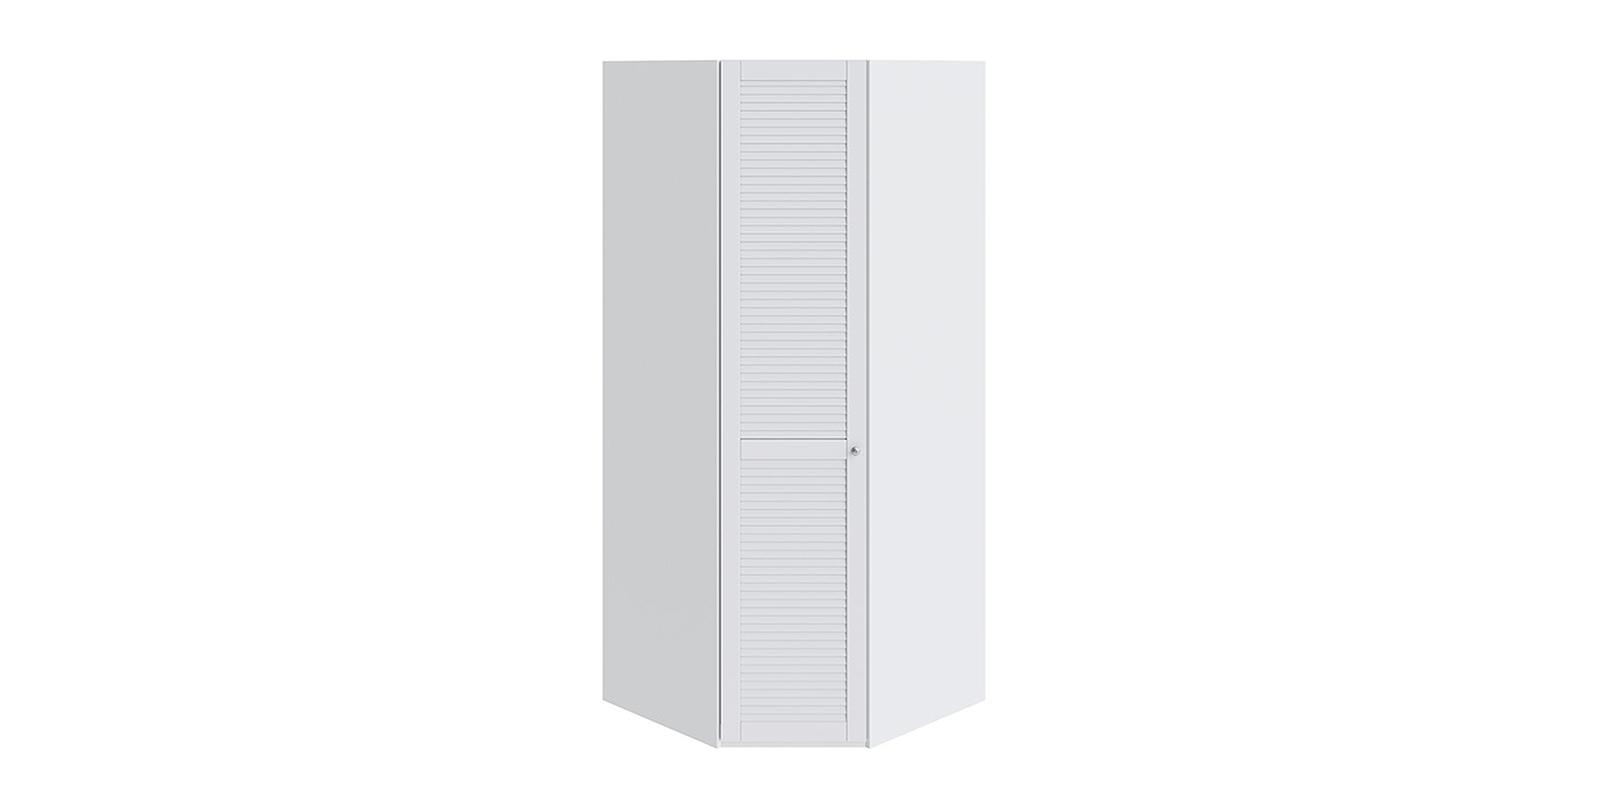 Шкаф распашной угловой Мерида вариант №4 левый (белый)